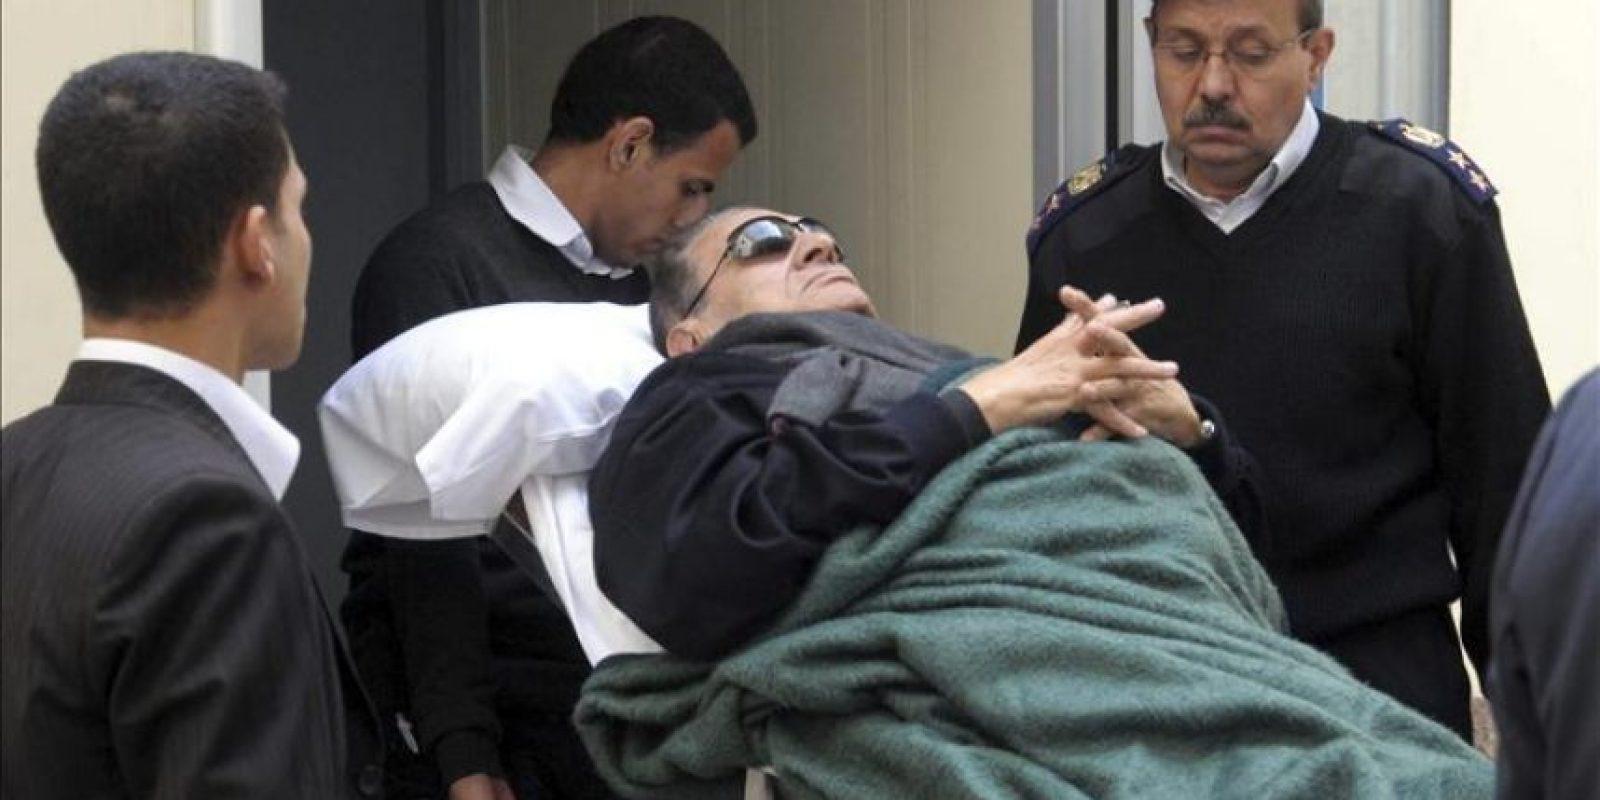 Imagen de archivo fechada el día 2 de enero de 2012 en la que se ve al ex presidente egipcio Hosni Mubarak saliendo del juzgado de El Cairo, Egipto. La sentencia contra el expresidente Mubarak, acusado de estar implicado en la matanza de manifestantes durante la revolución que le depuso en 2011, y en casos de corrupción, se dará a conocer el próximo 2 de junio, según la televisión estatal egipcia. EFE